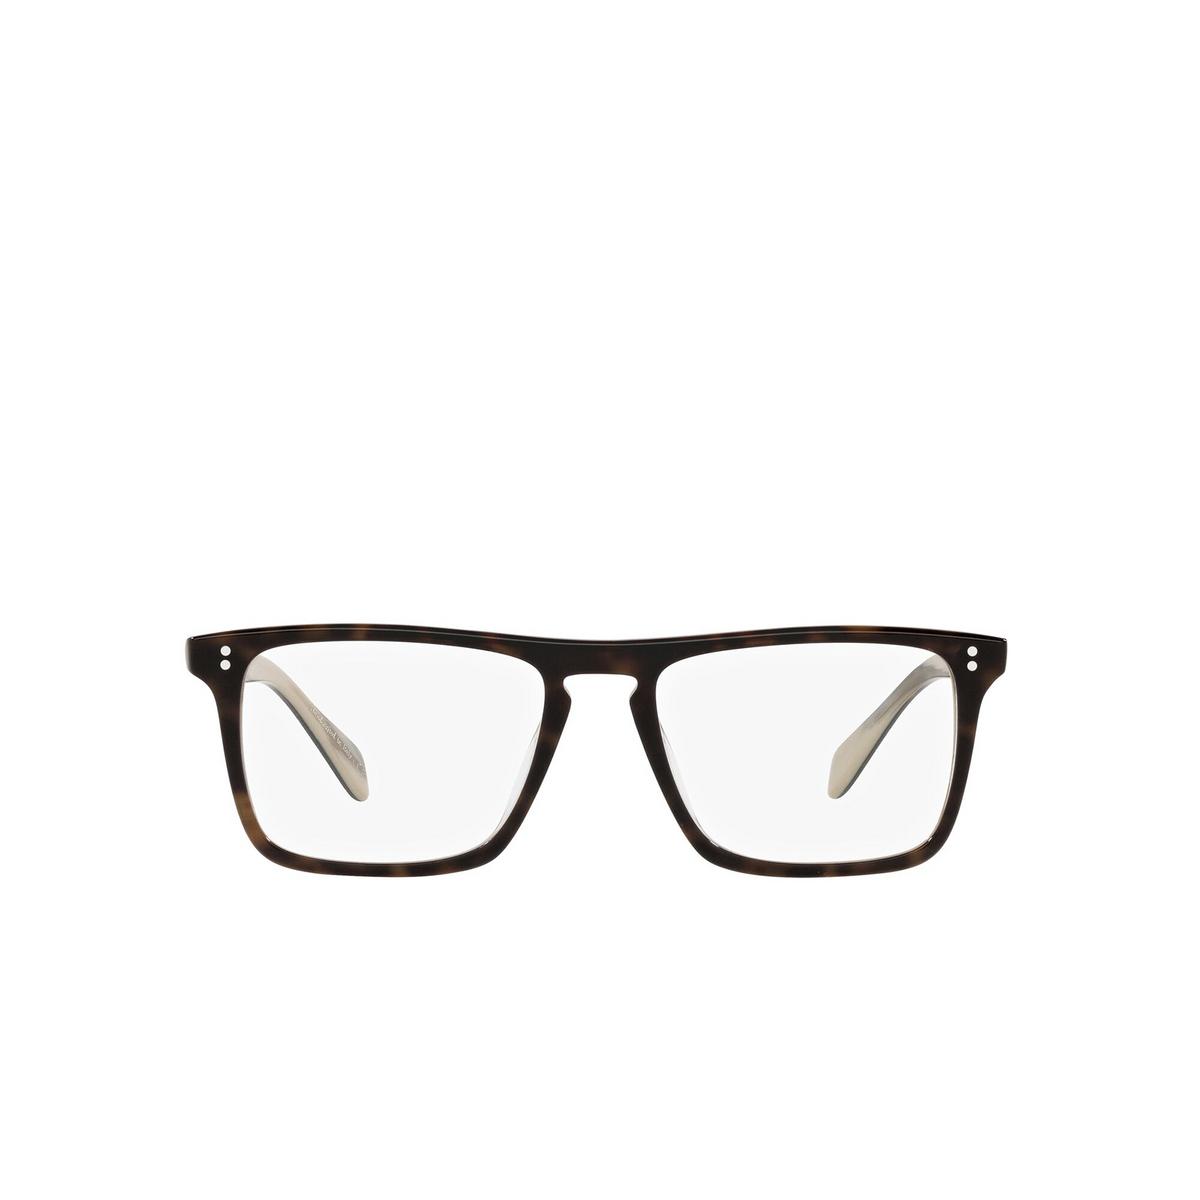 Oliver Peoples® Square Eyeglasses: Bernardo-r OV5189U color 362 / Horn 1666 - front view.